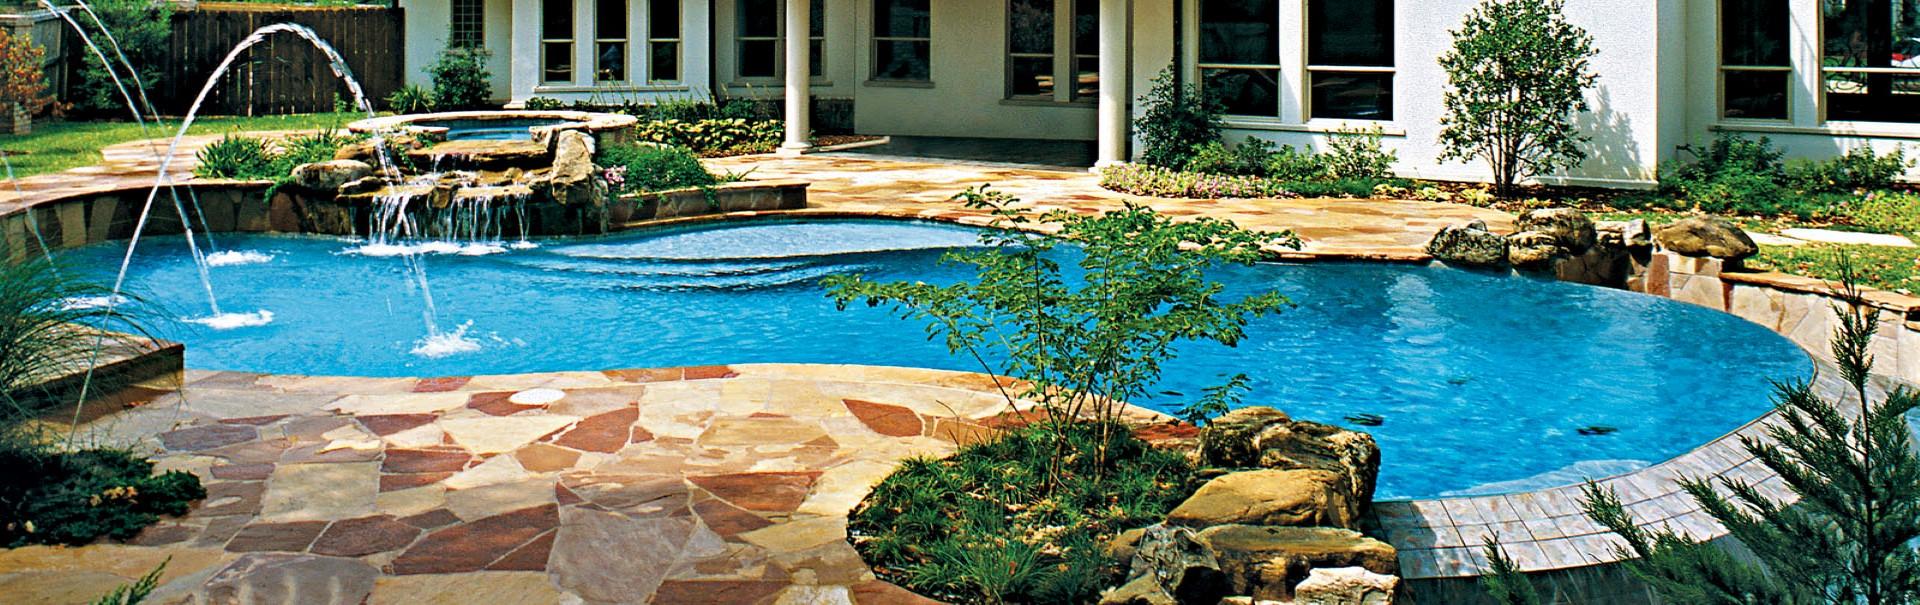 tyler-inground-pool2